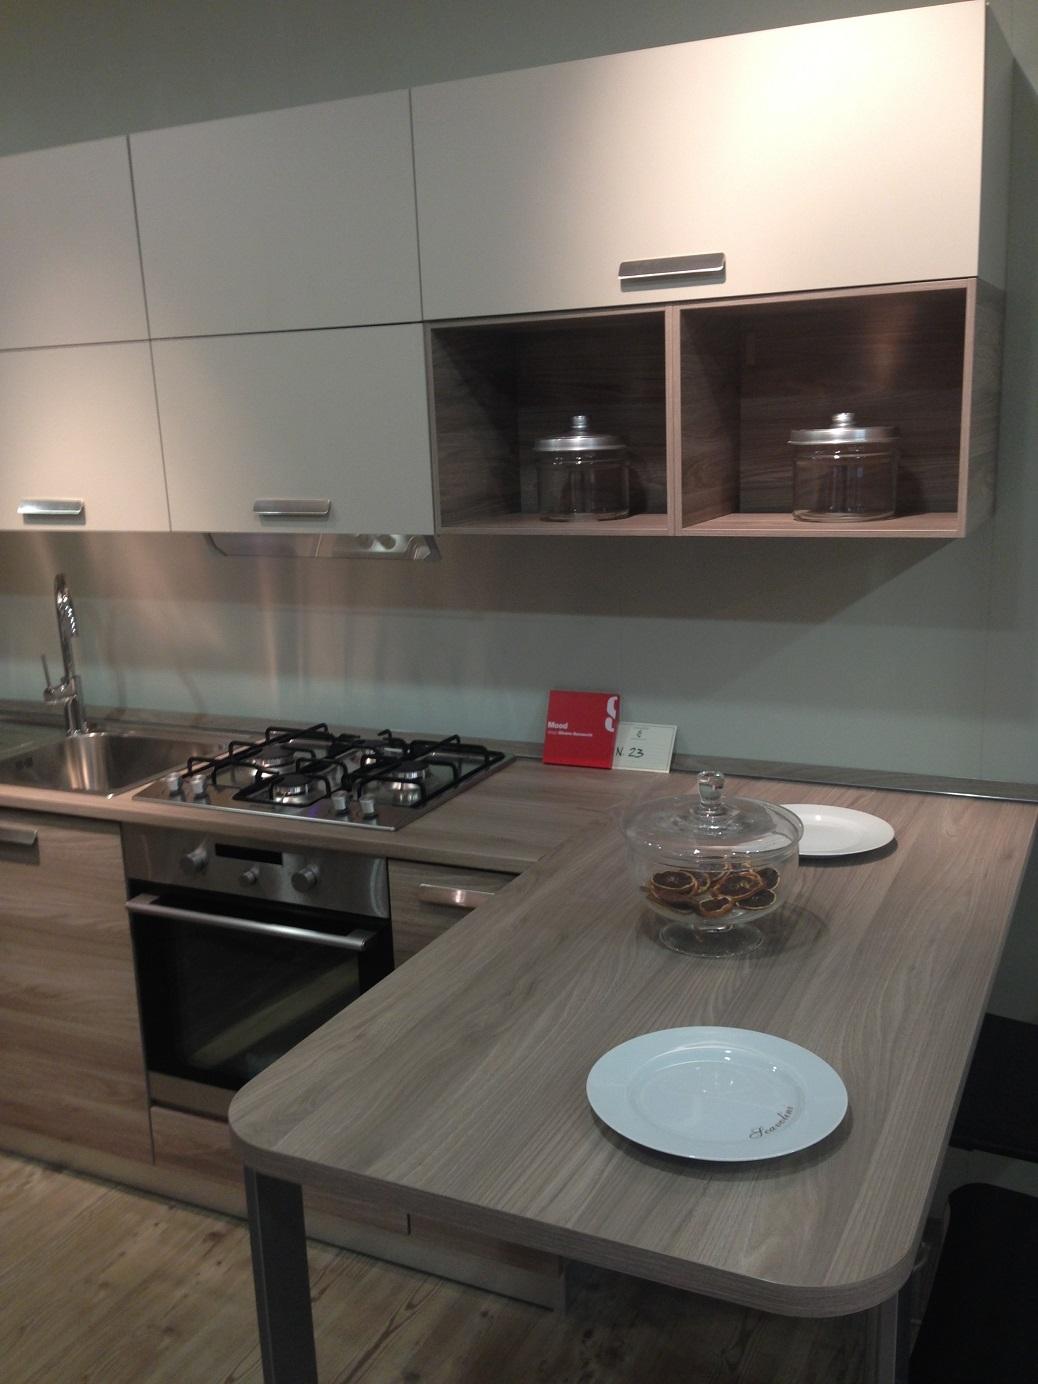 Lavello Cucina Sinonimo: Varenna cucina planet - cucine a prezzi ...